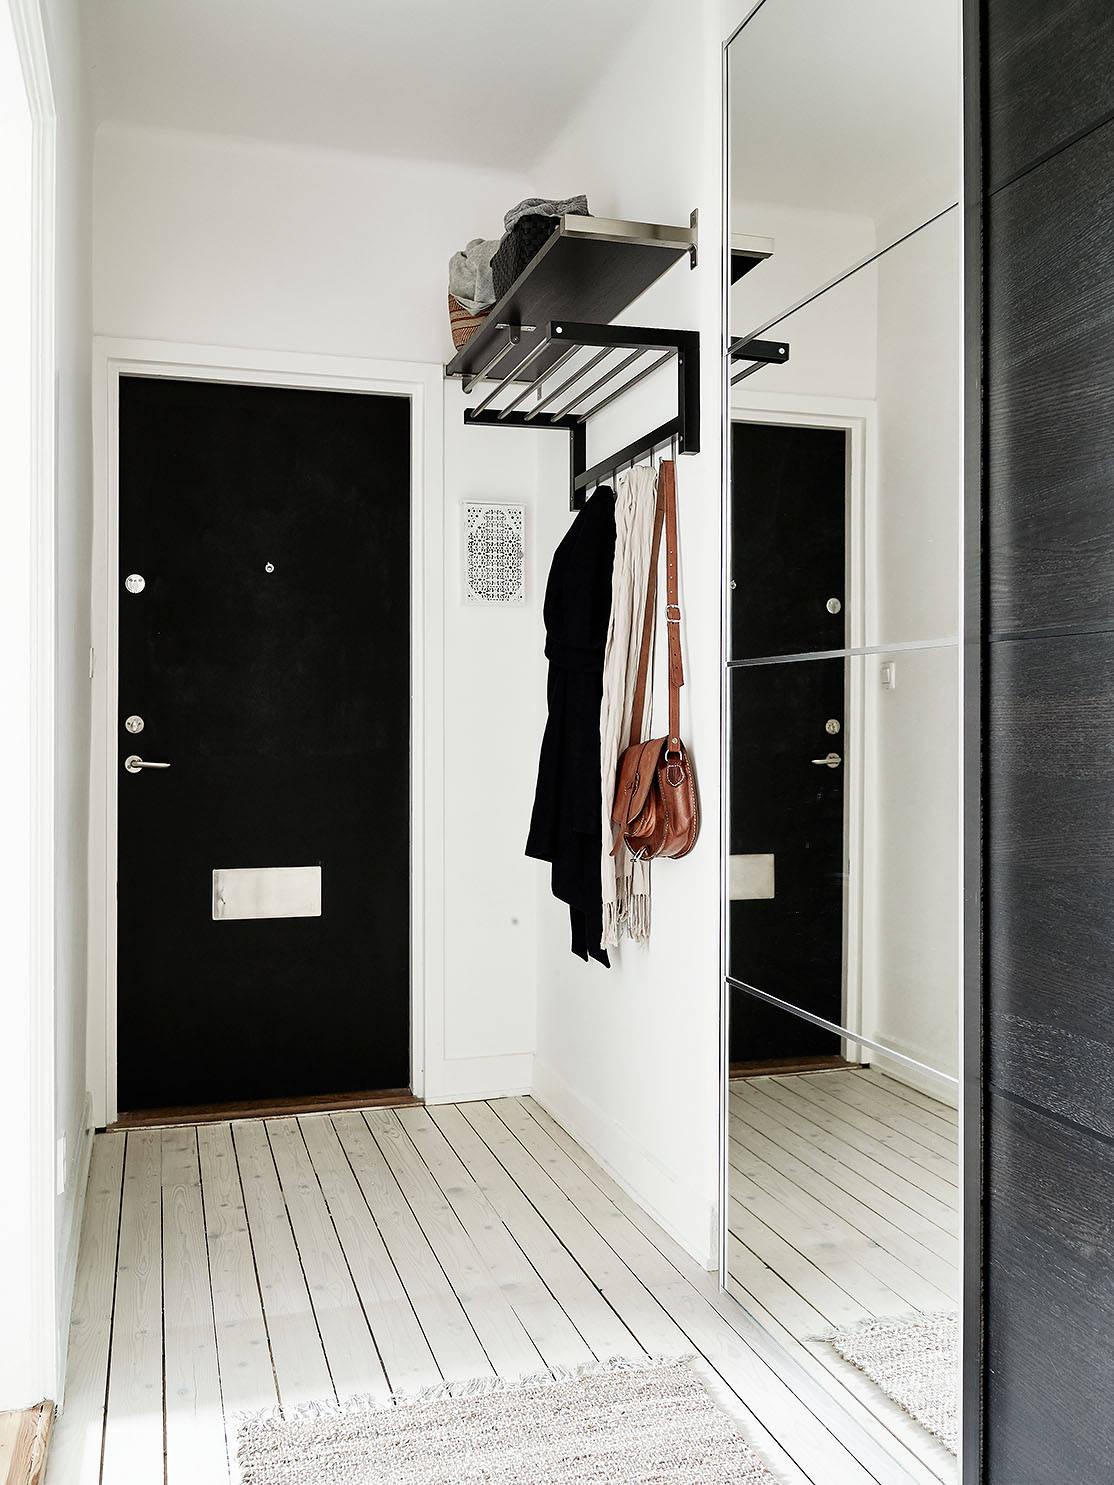 Armarios rinconera - Blog tienda decoración estilo nórdico ... - photo#49